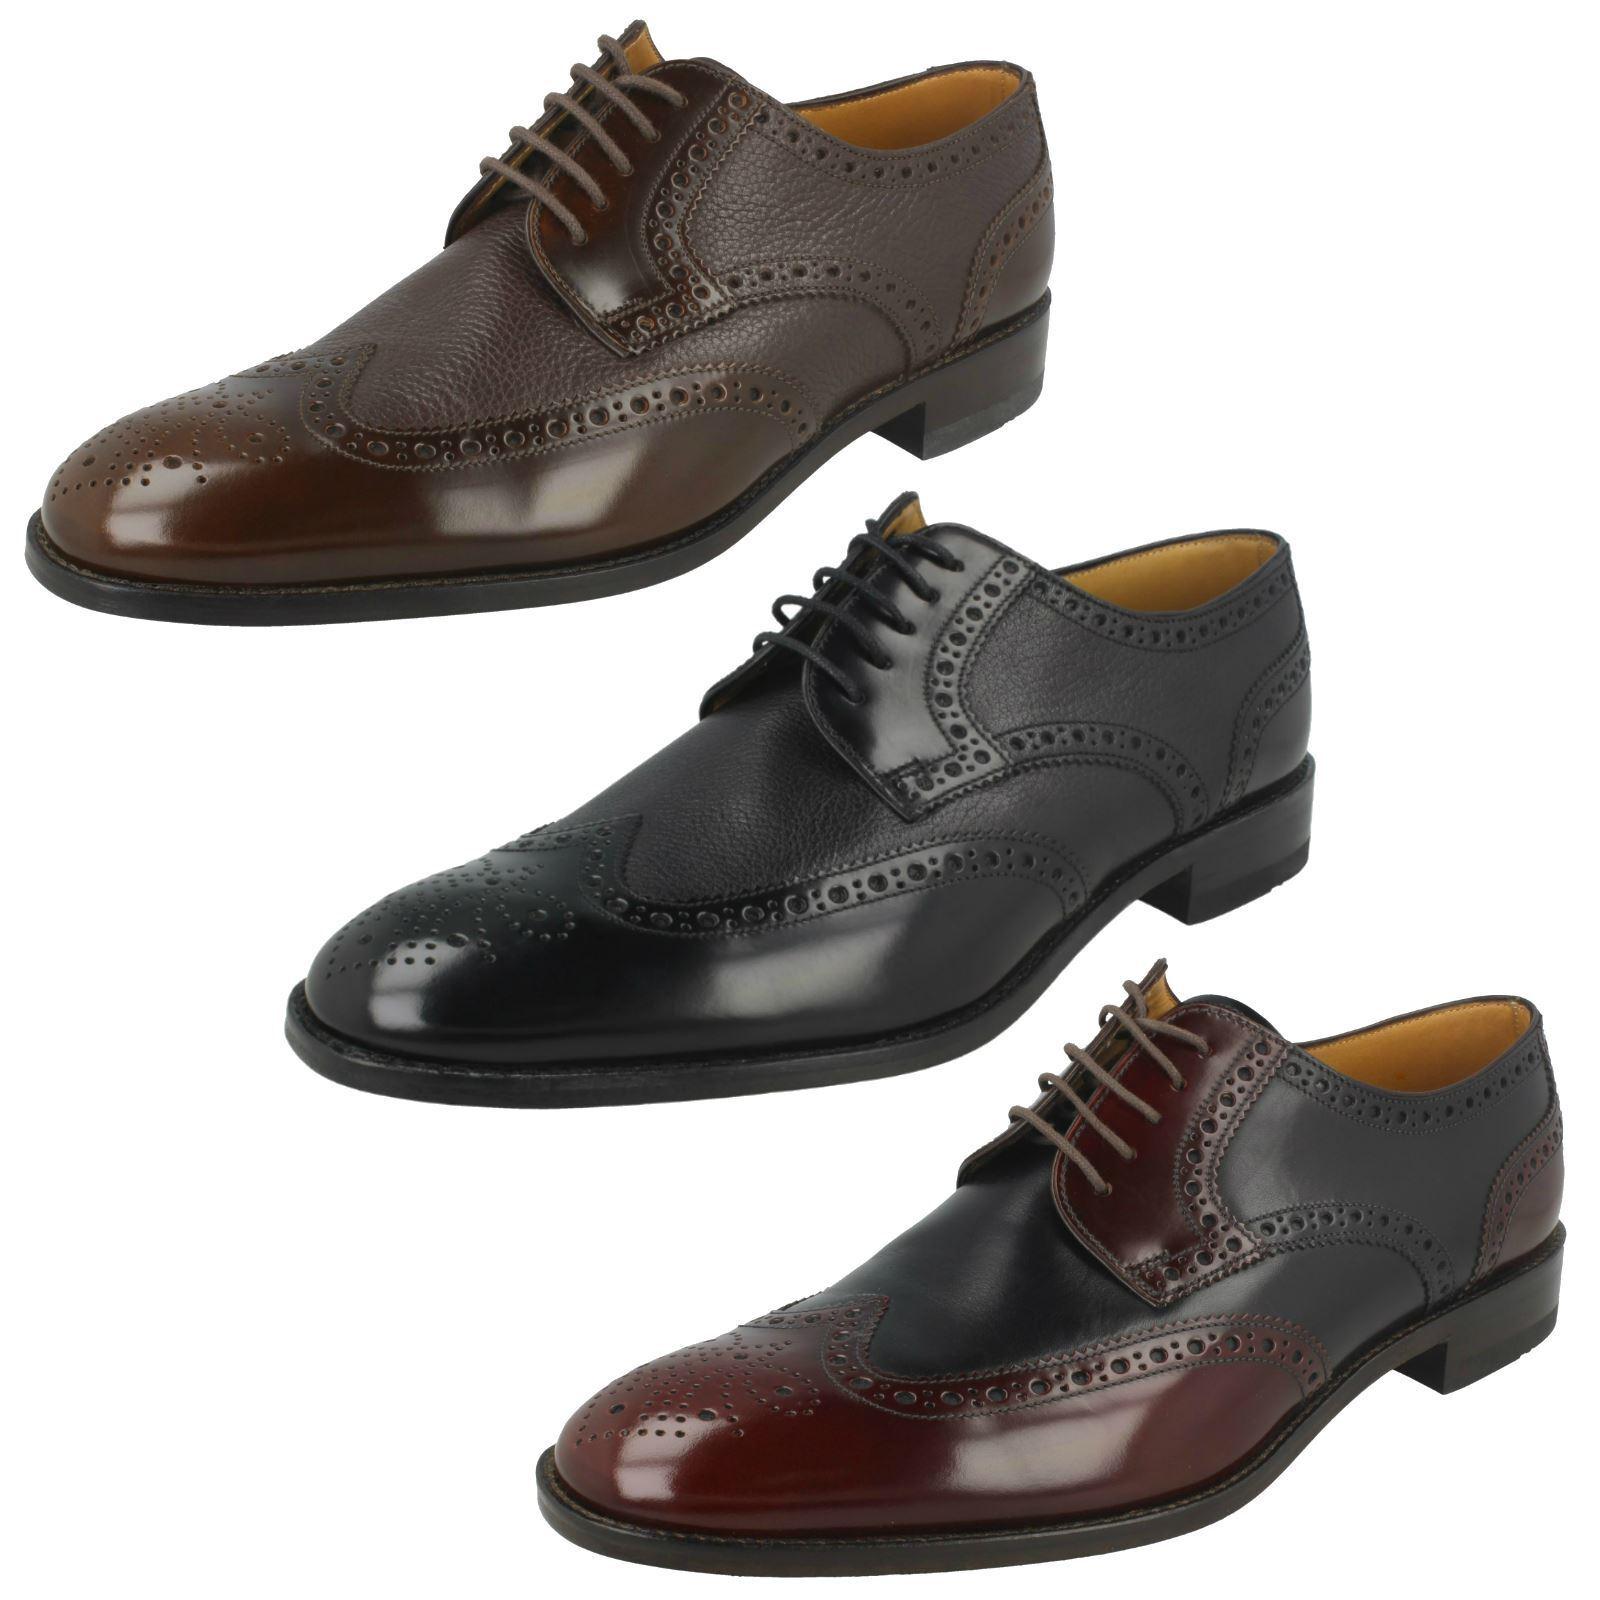 Mens Loake Lace Up Brogue shoes Arlington